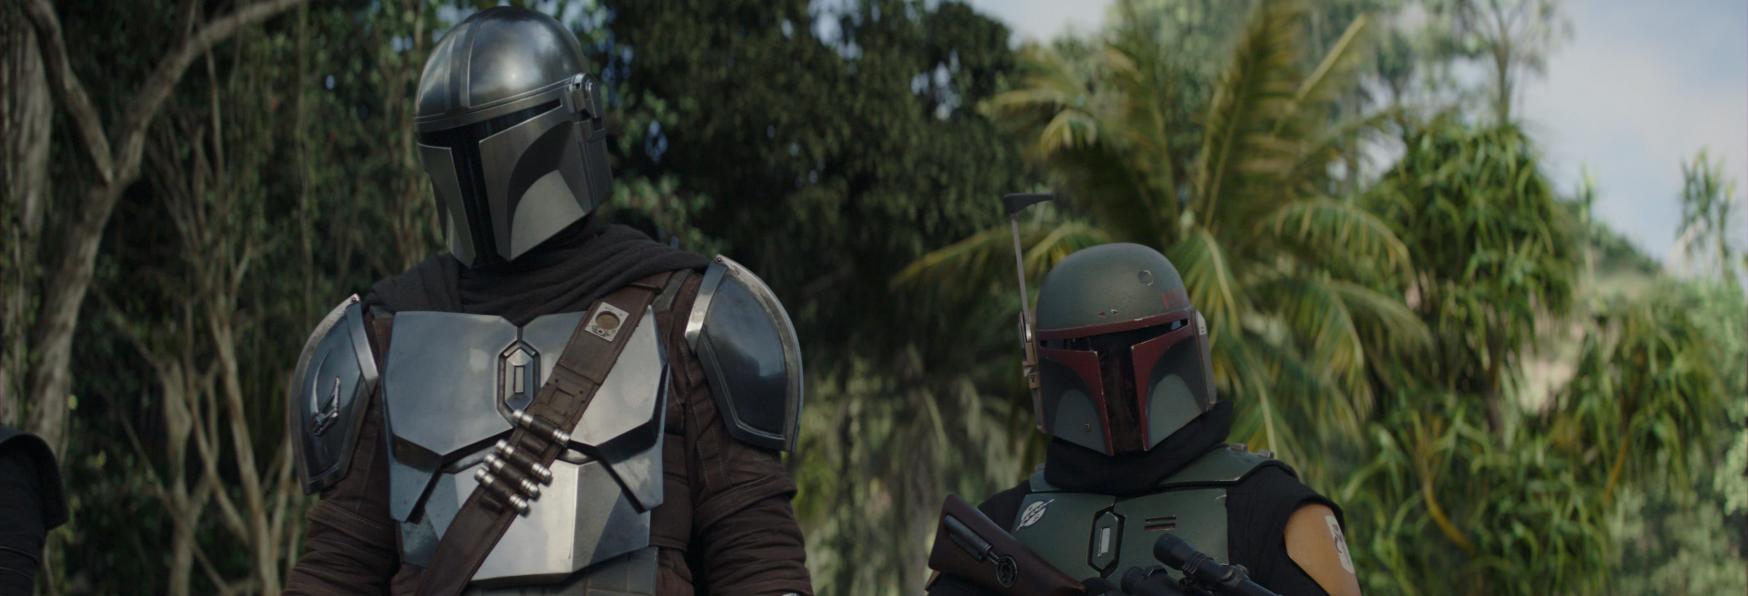 The Book of Boba Fett: nuovi Aggiornamenti sulla Serie TV ambientata nell'Universo Star Wars